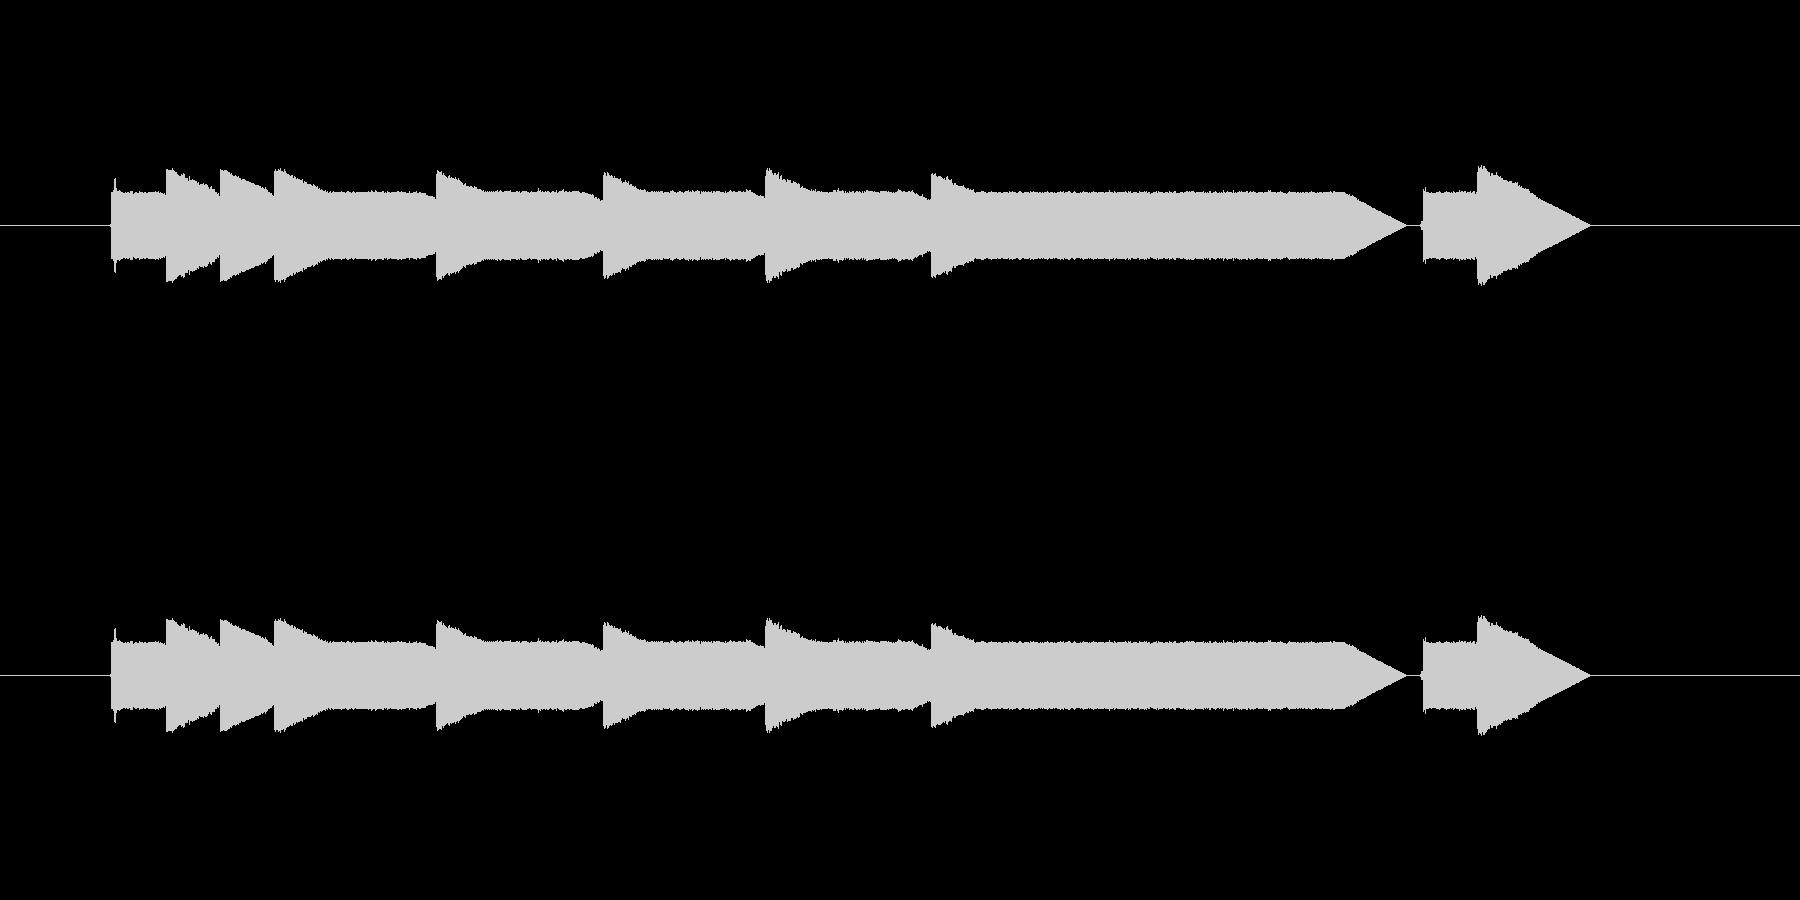 クイズ番組のステージクリア時の音。の未再生の波形